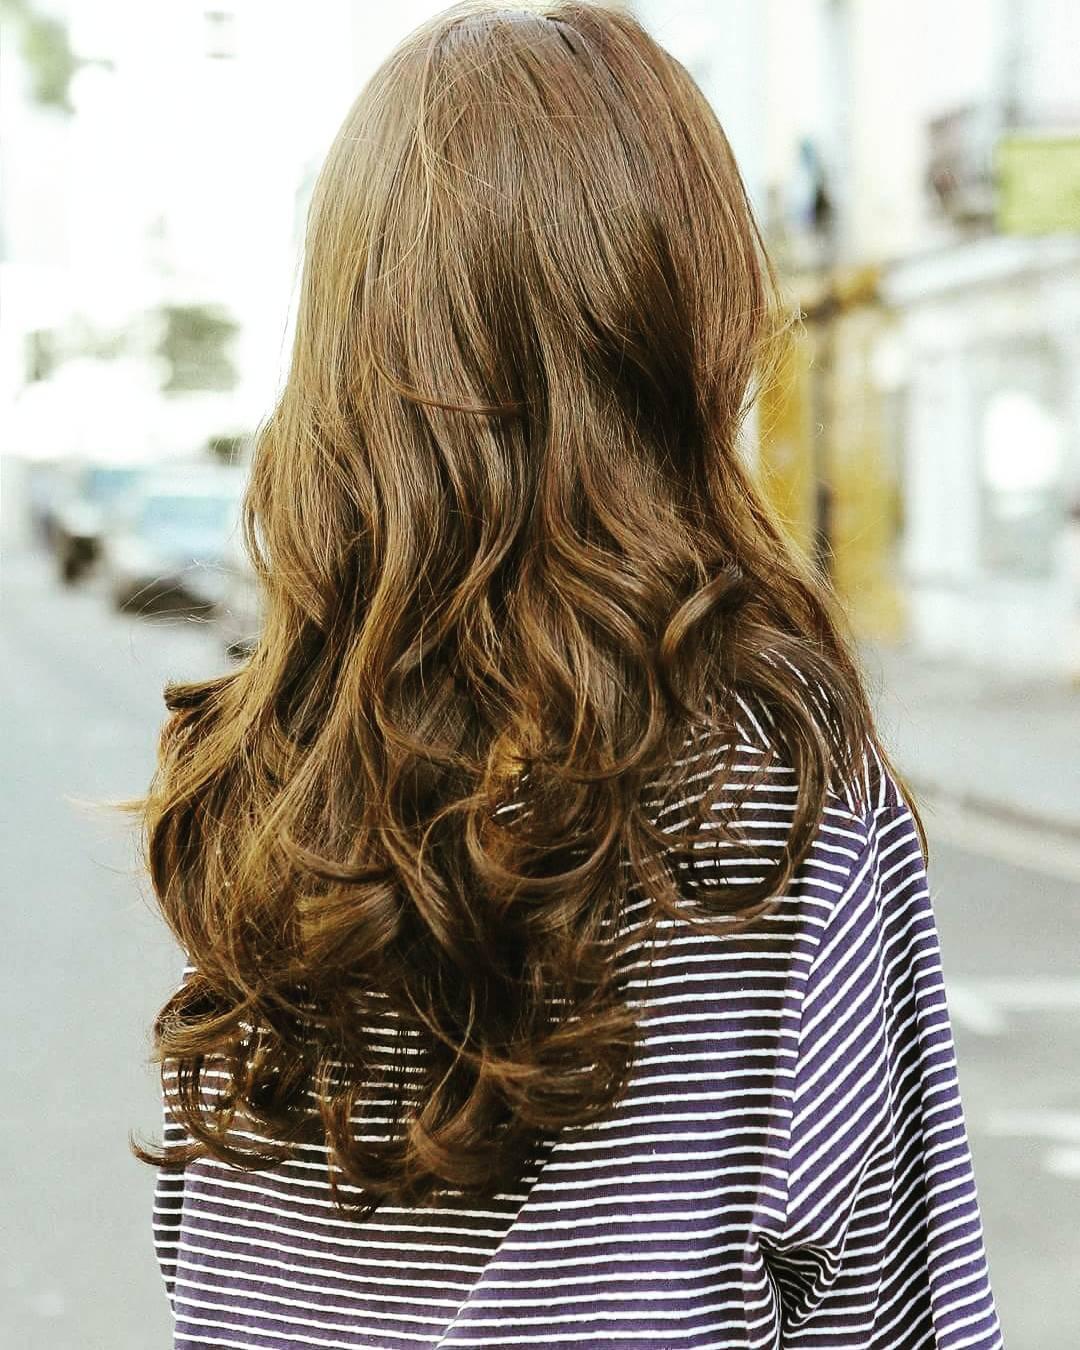 长发大波浪的发型显得过于成熟了怎么办?图片